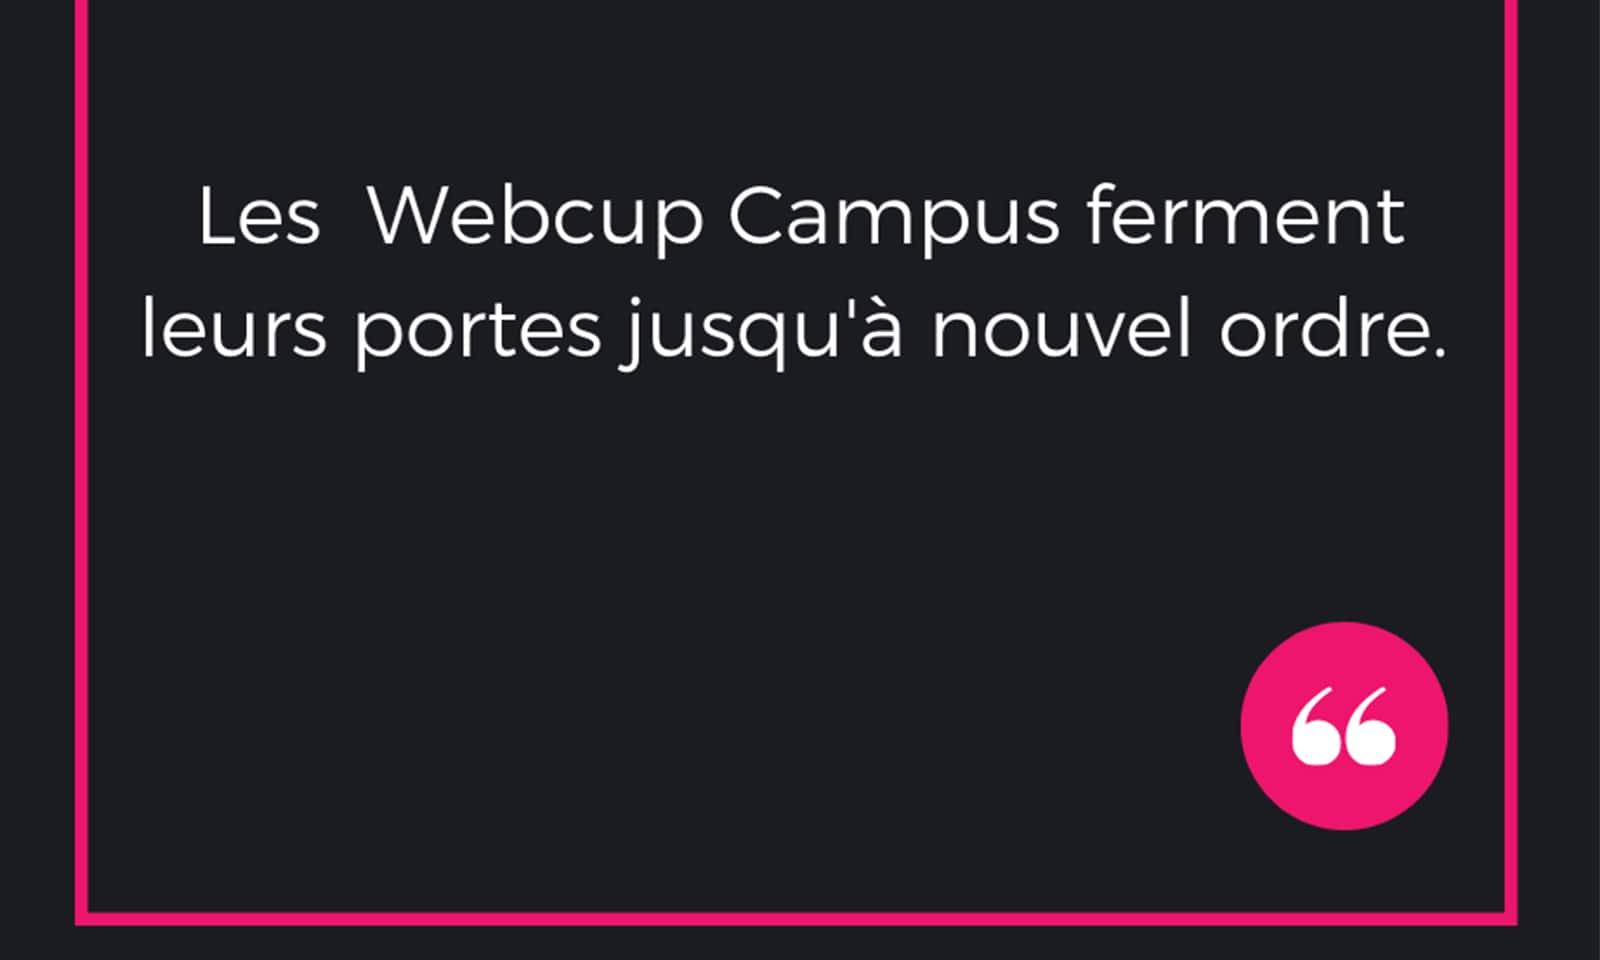 Webcup ferme les portes de ses campus Nord et Sud